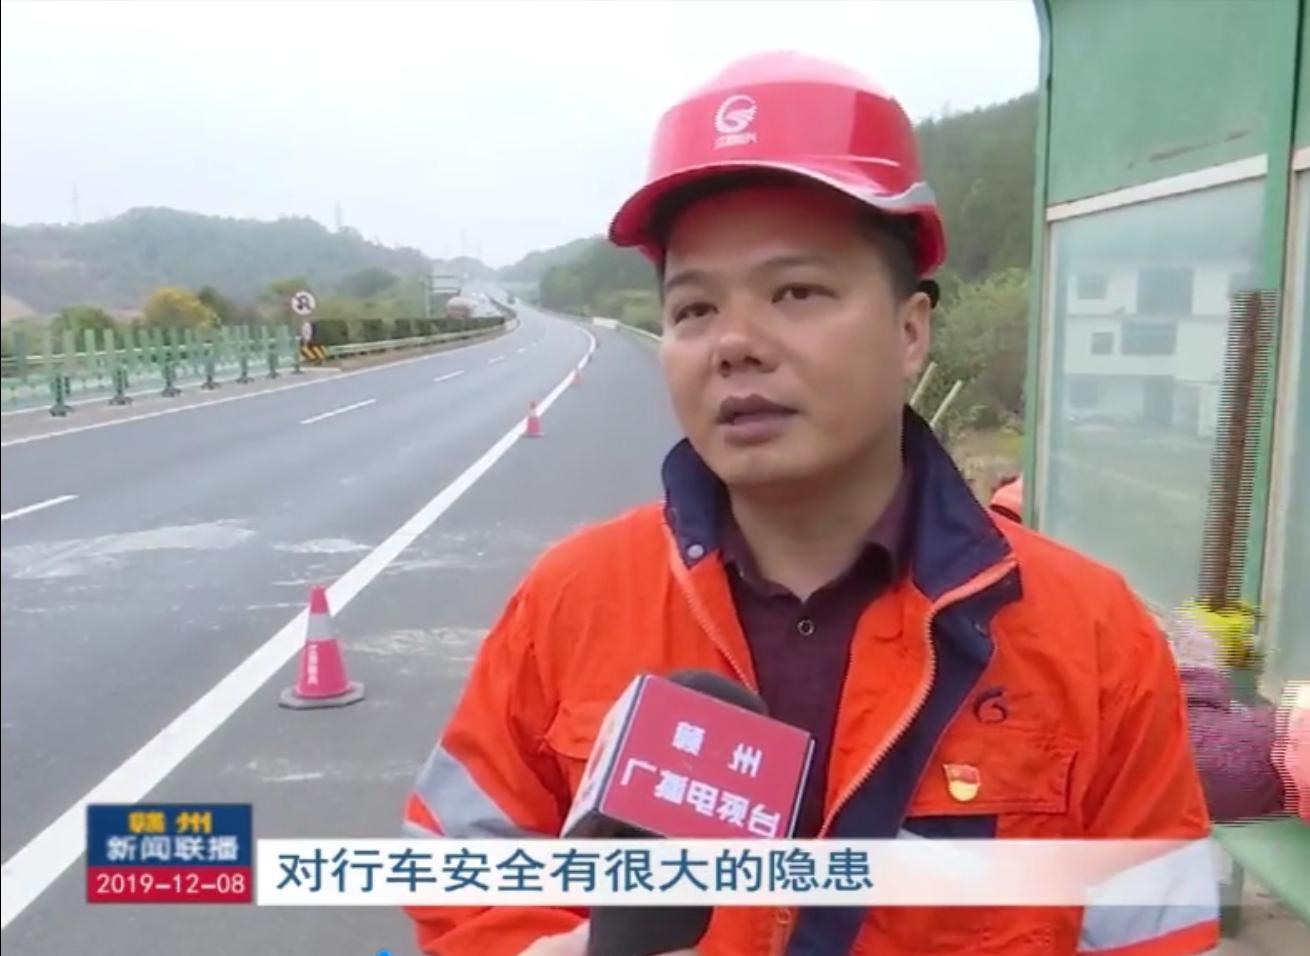 【模范党员选树学】王军萍:让高速沿线美丽起来